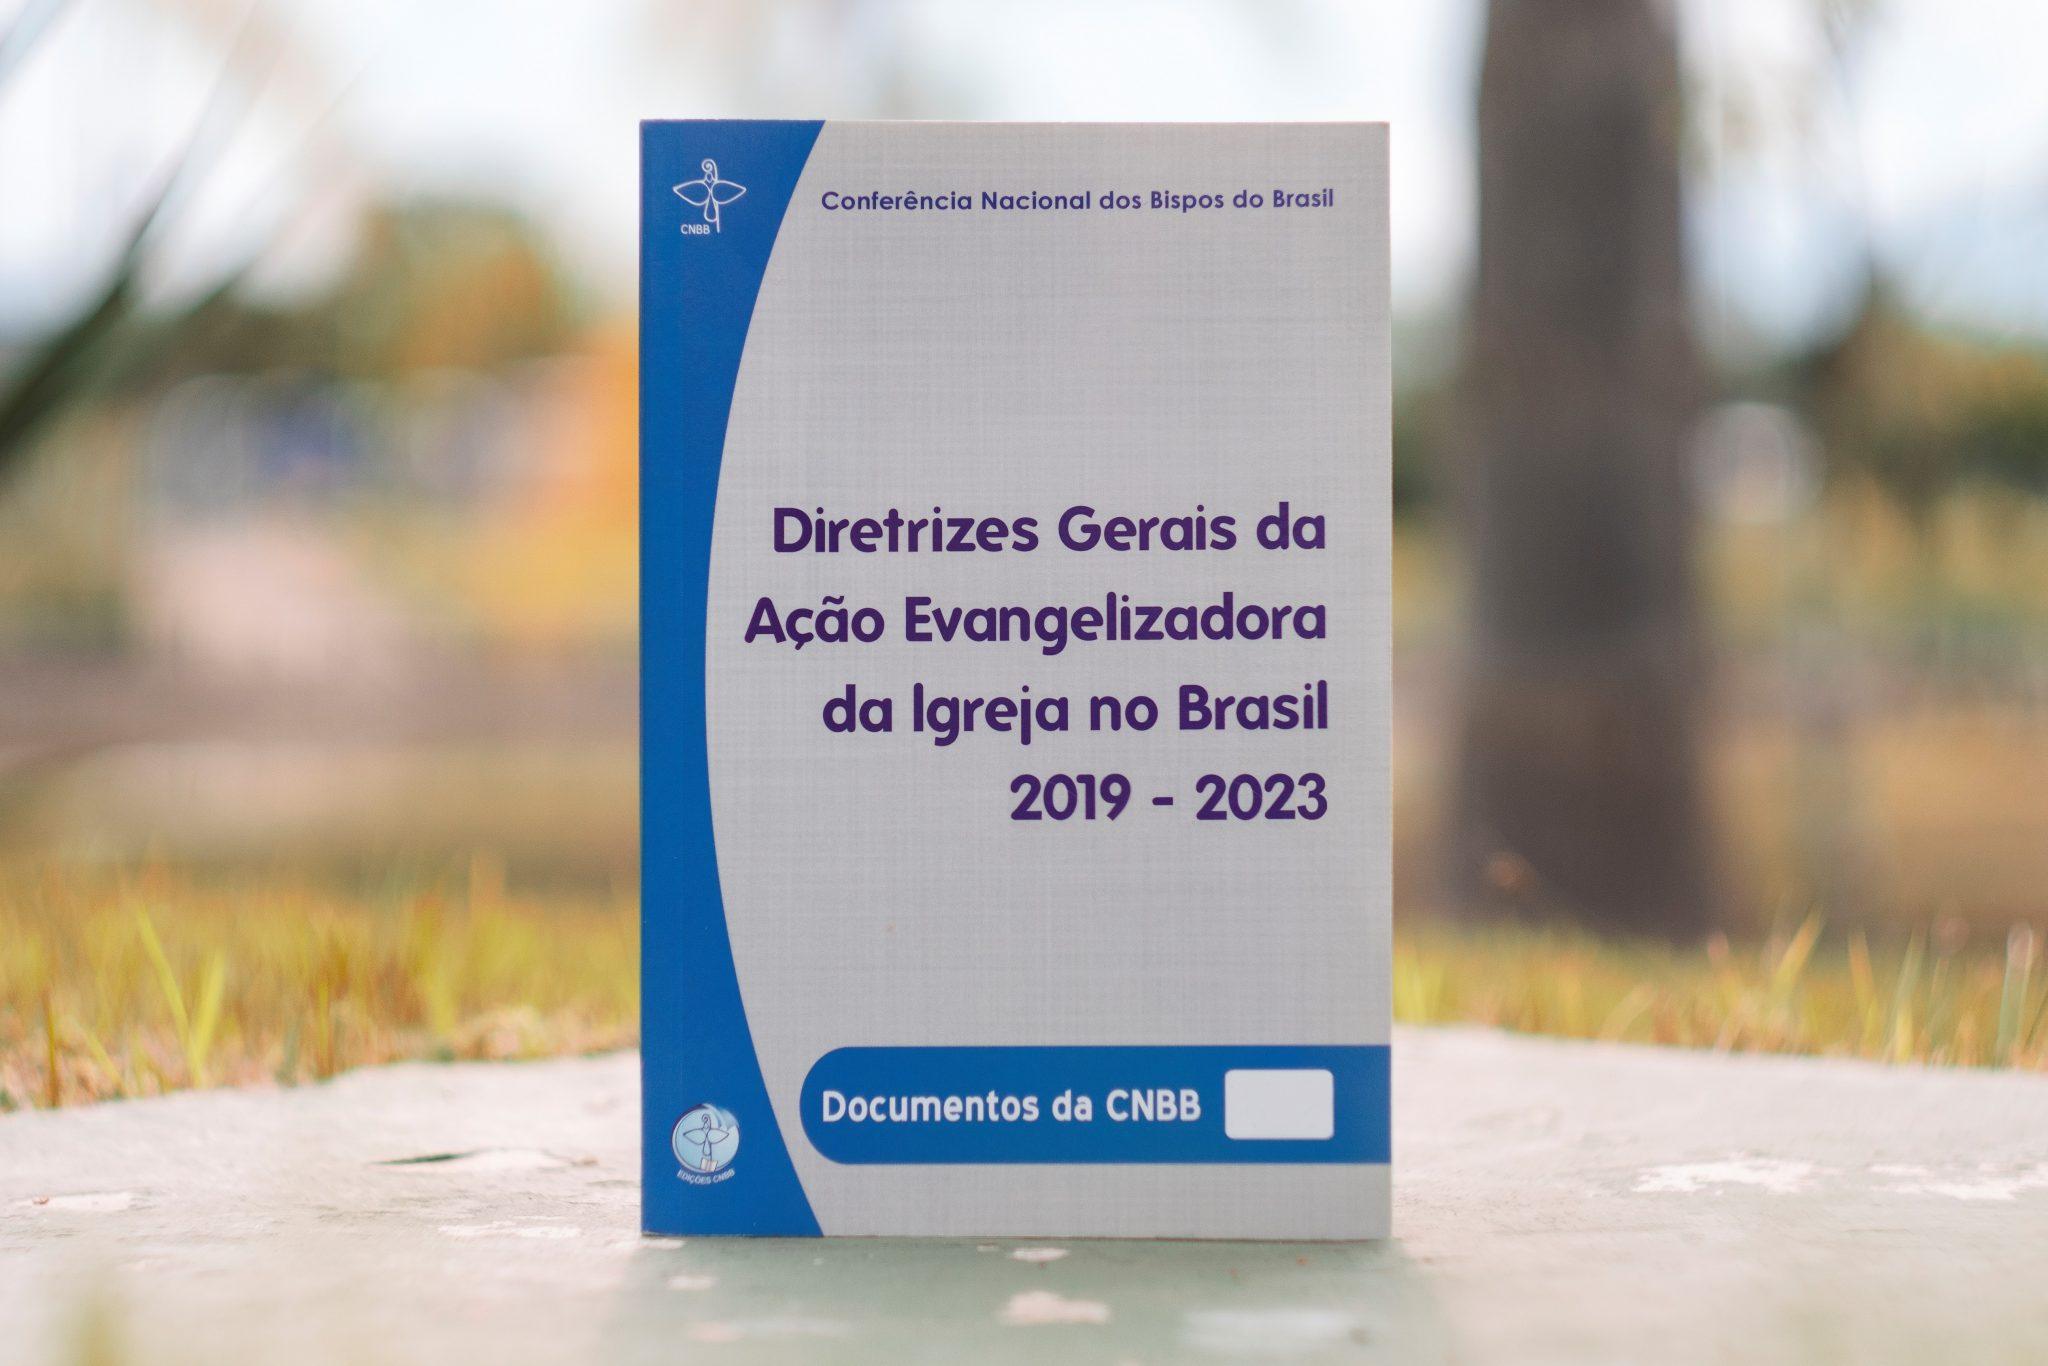 Publicadas as Diretrizes Gerais da Ação Evangelizadora da Igreja no Brasil 2019-2023